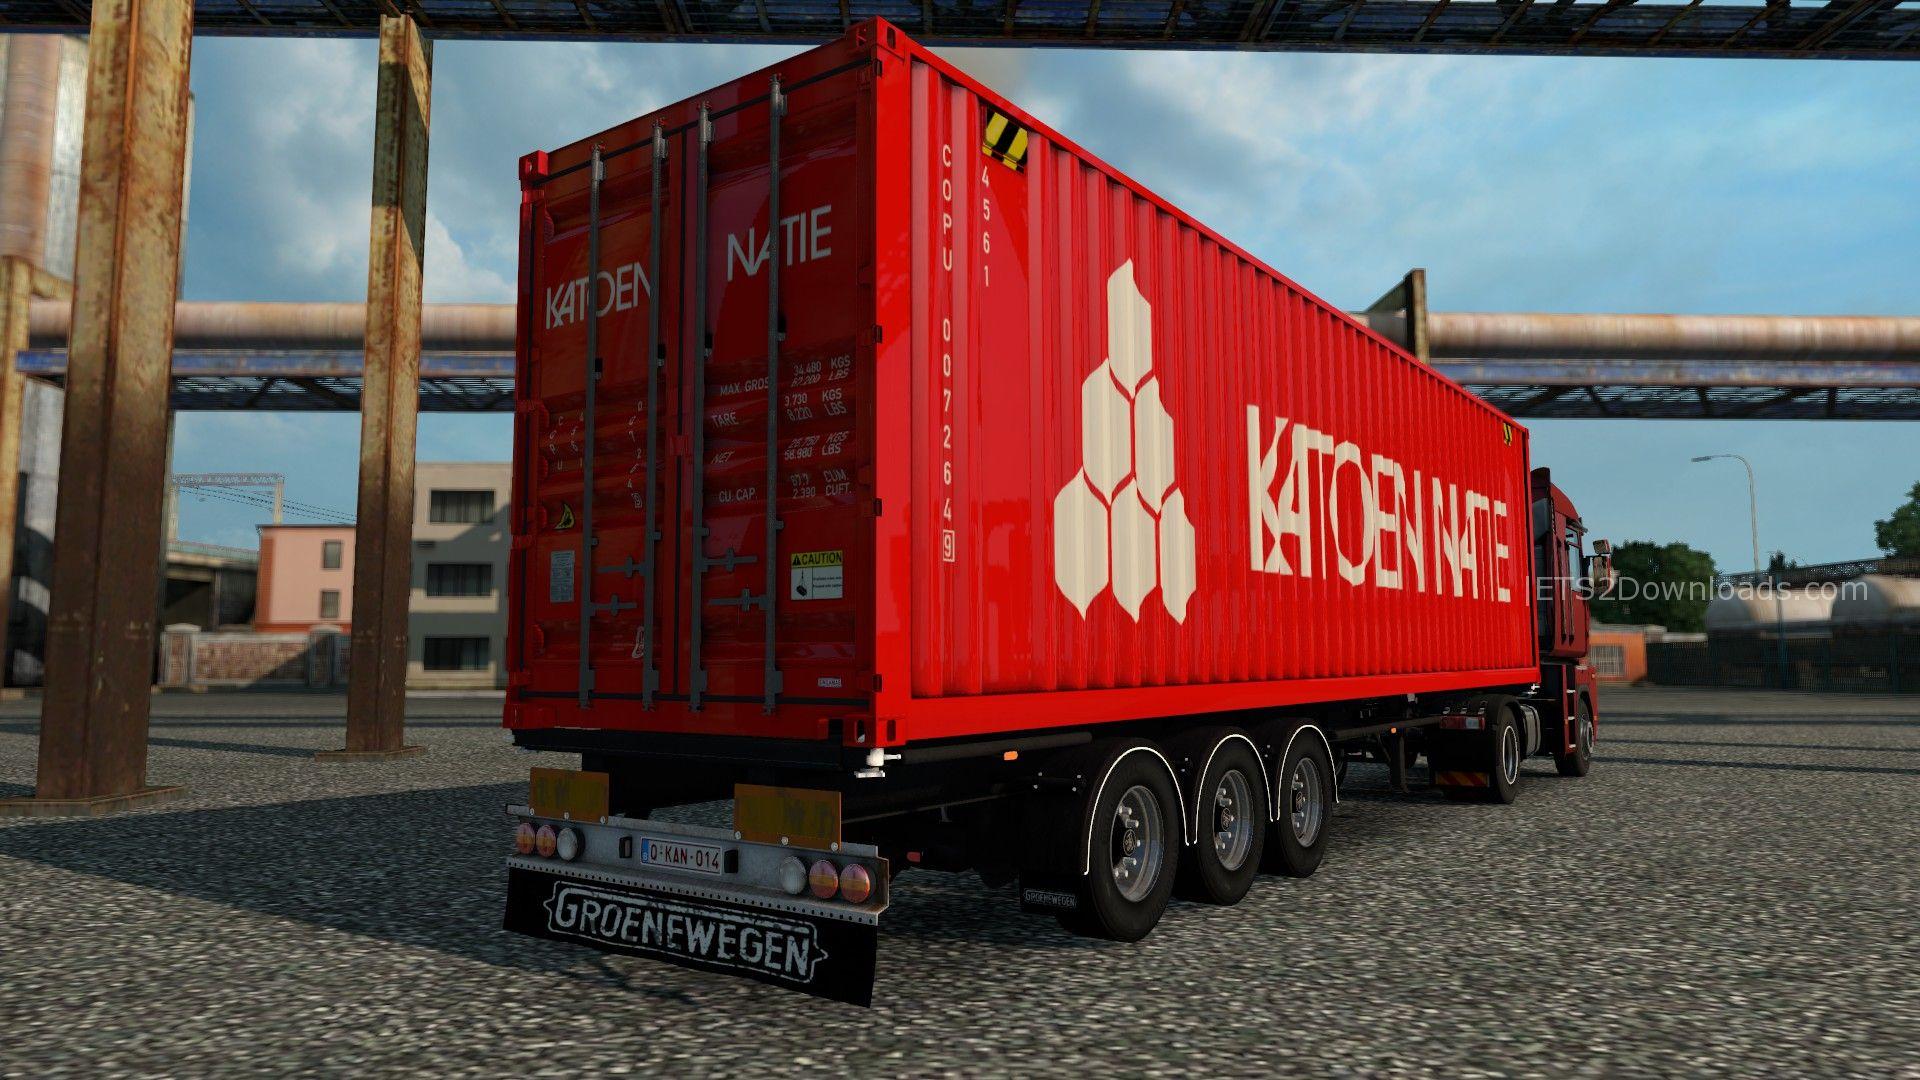 katoen-natie-container-2